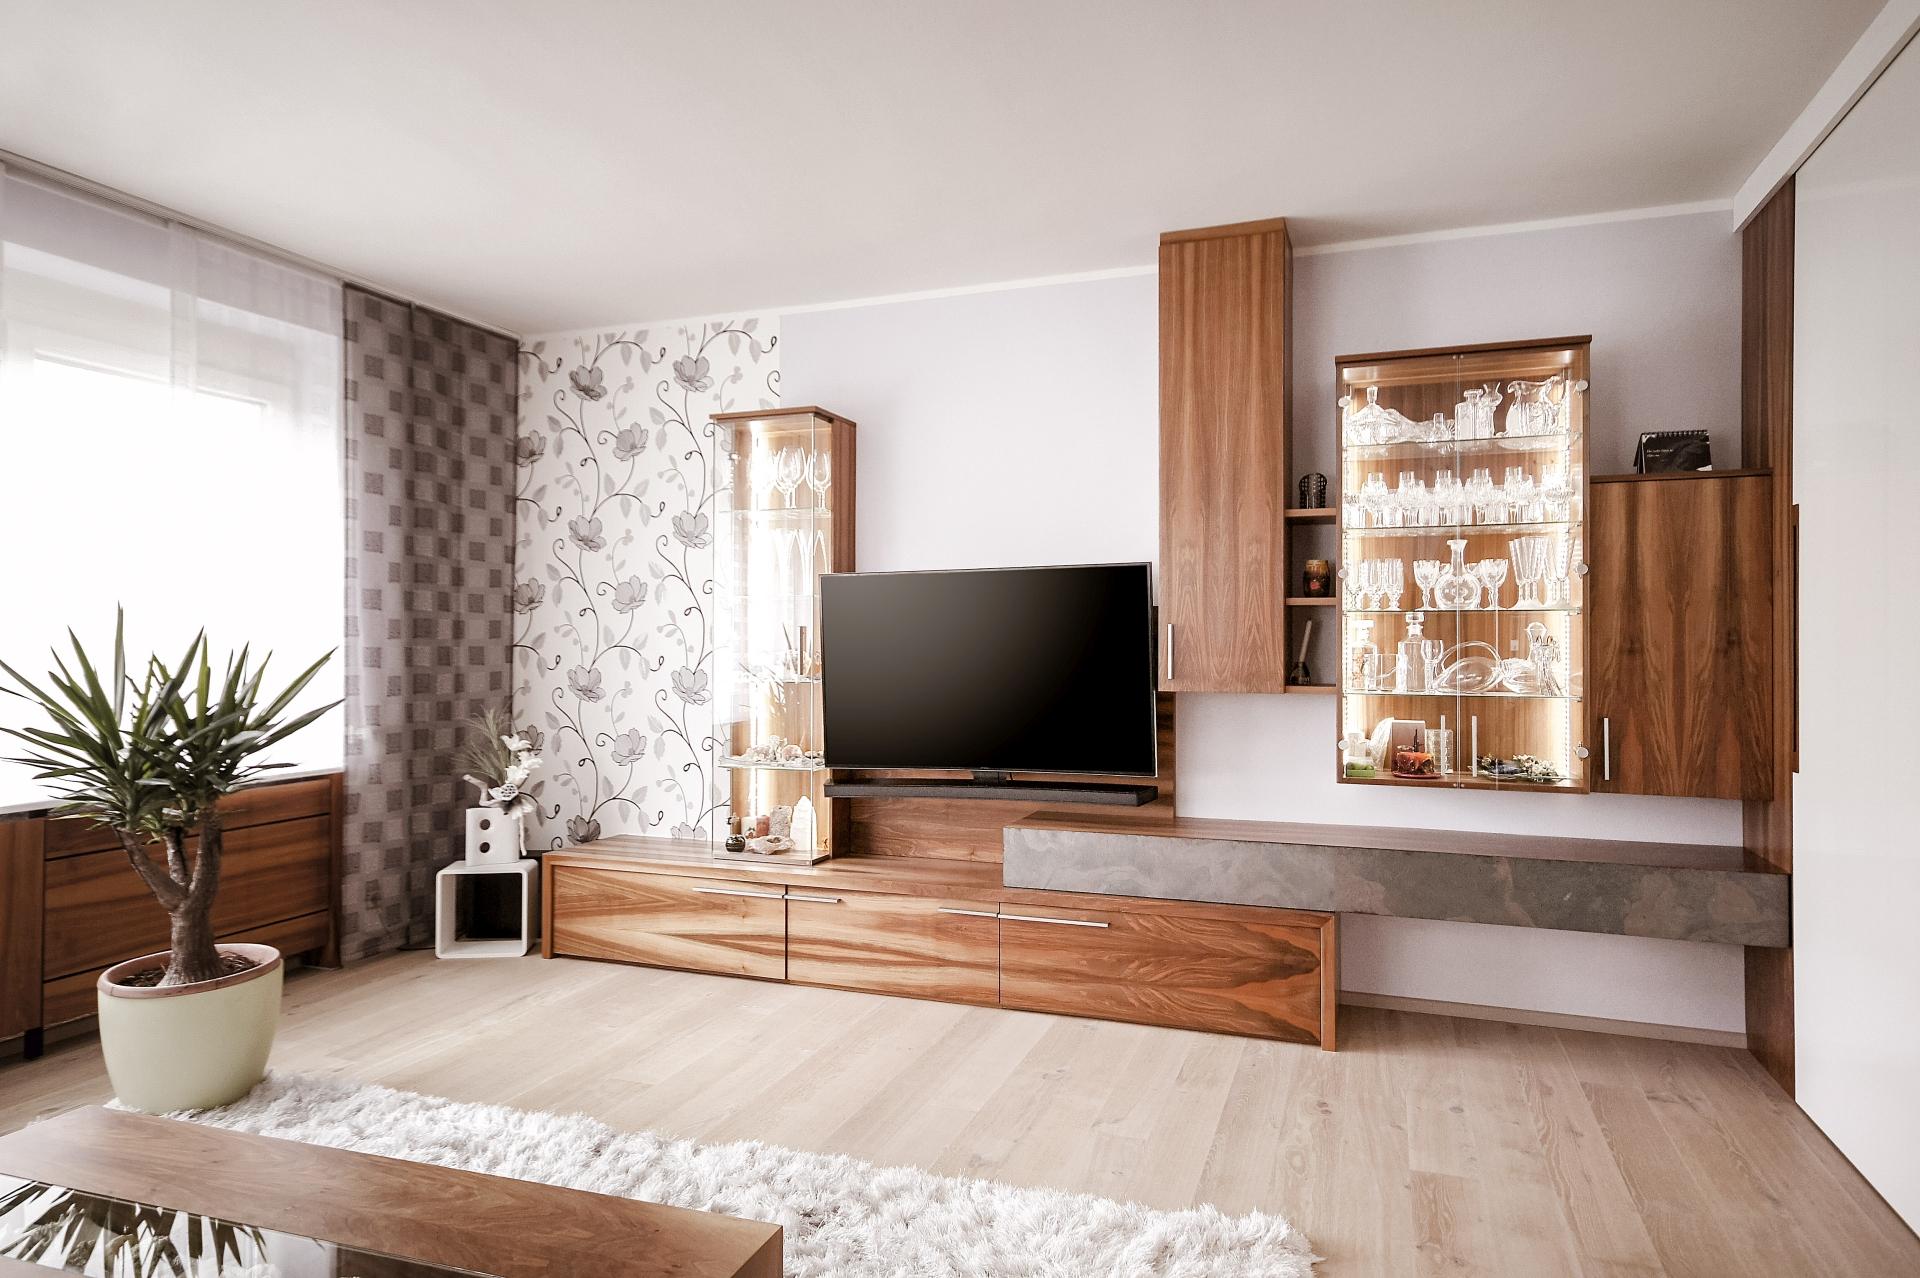 Wohnzimmer planen & einrichten  BÖHM MÖBEL - Freistadt